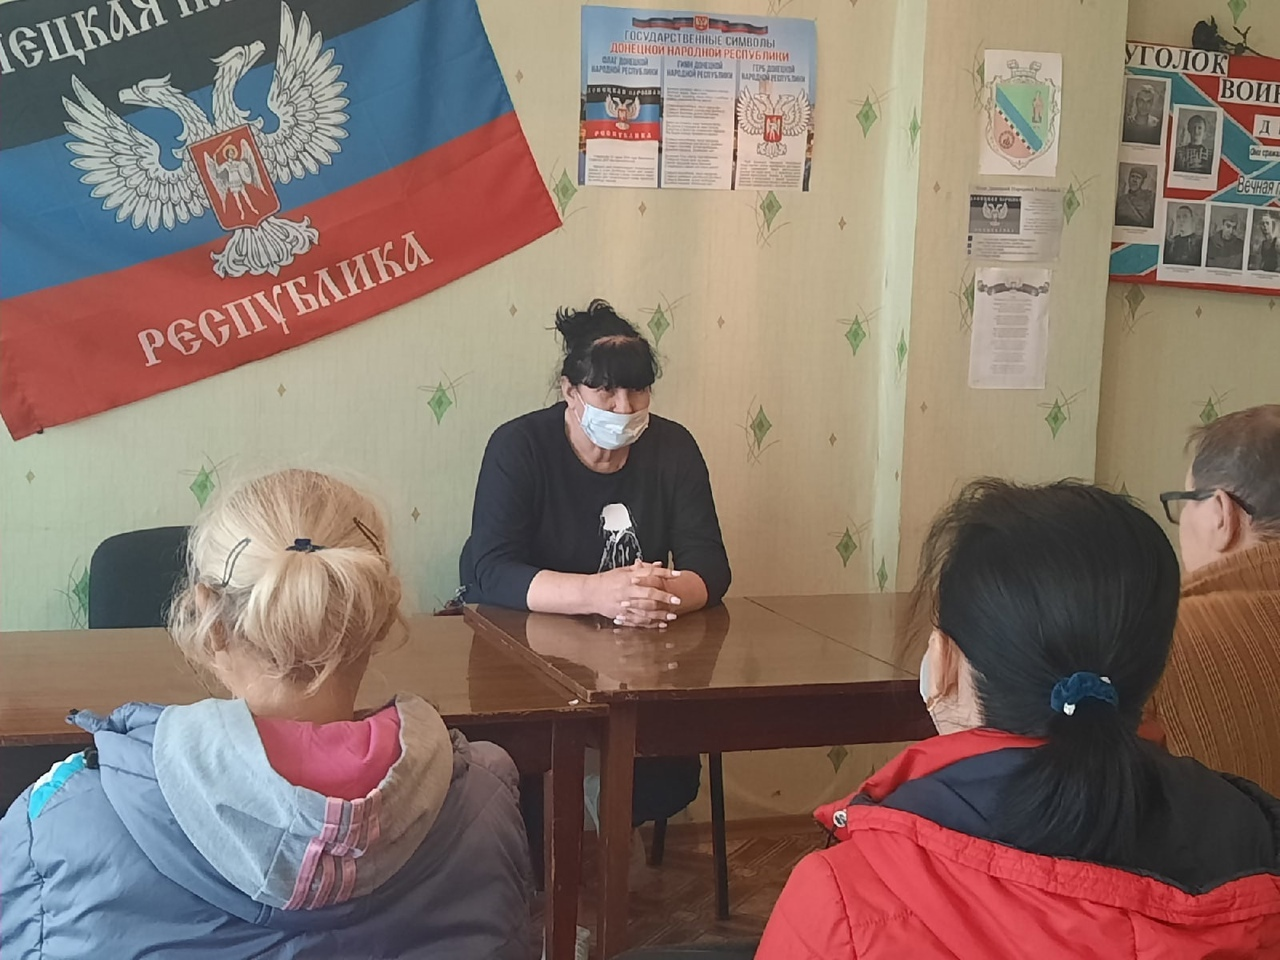 Заместитель главы Пантелеймоновской поселковой администрации провела разъяснительную беседу с населением